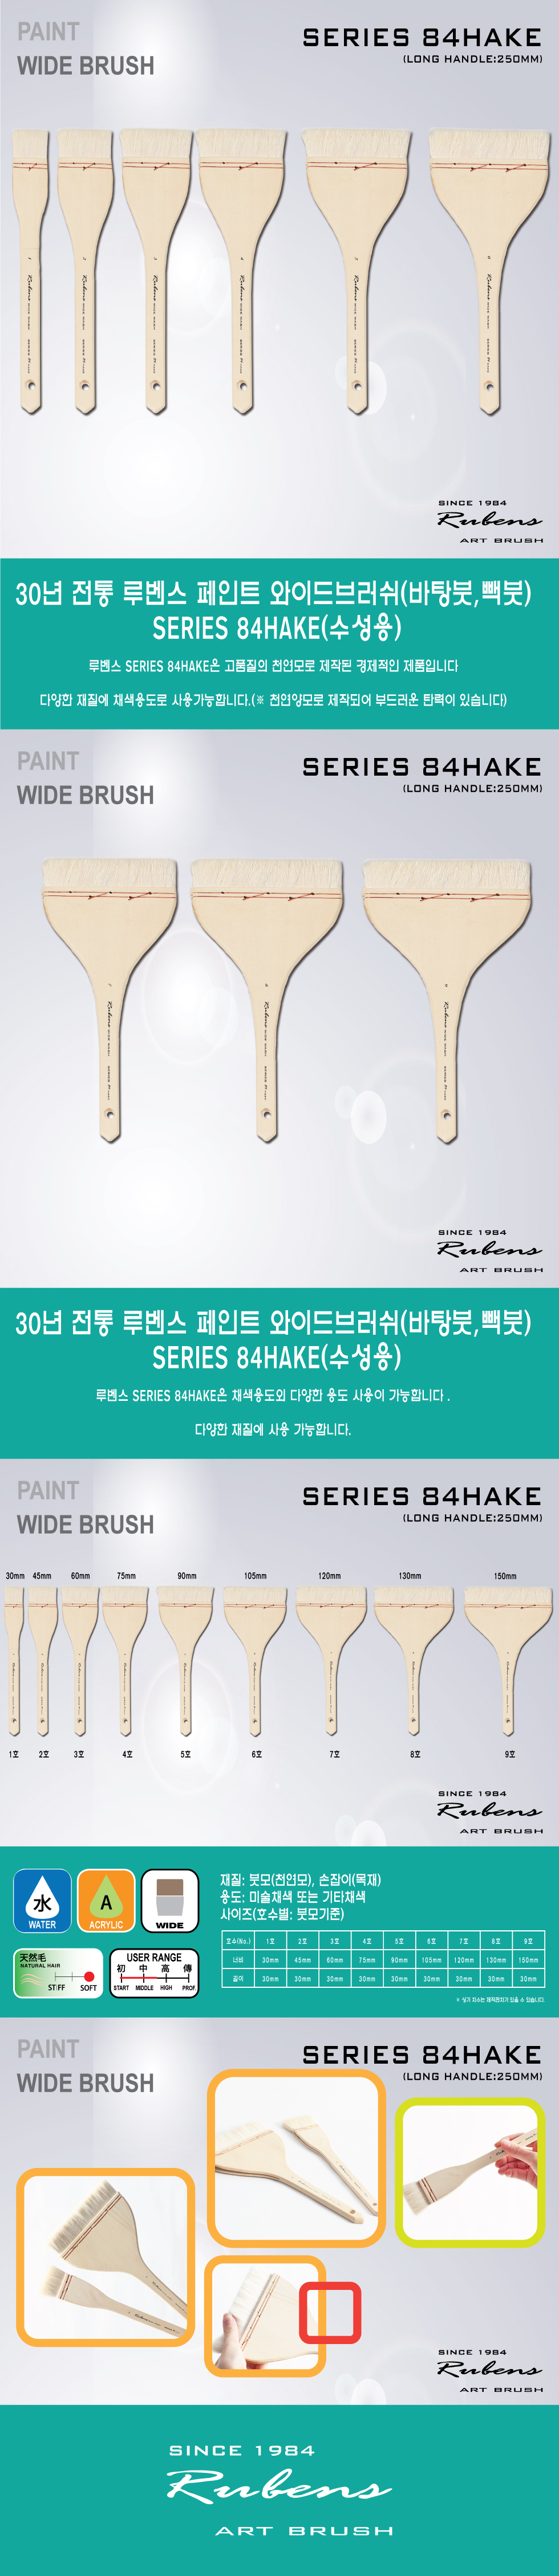 루벤스 84 배경 평붓 낱개 9호 - 우리아트, 8,380원, 아크릴용품, 아크릴붓